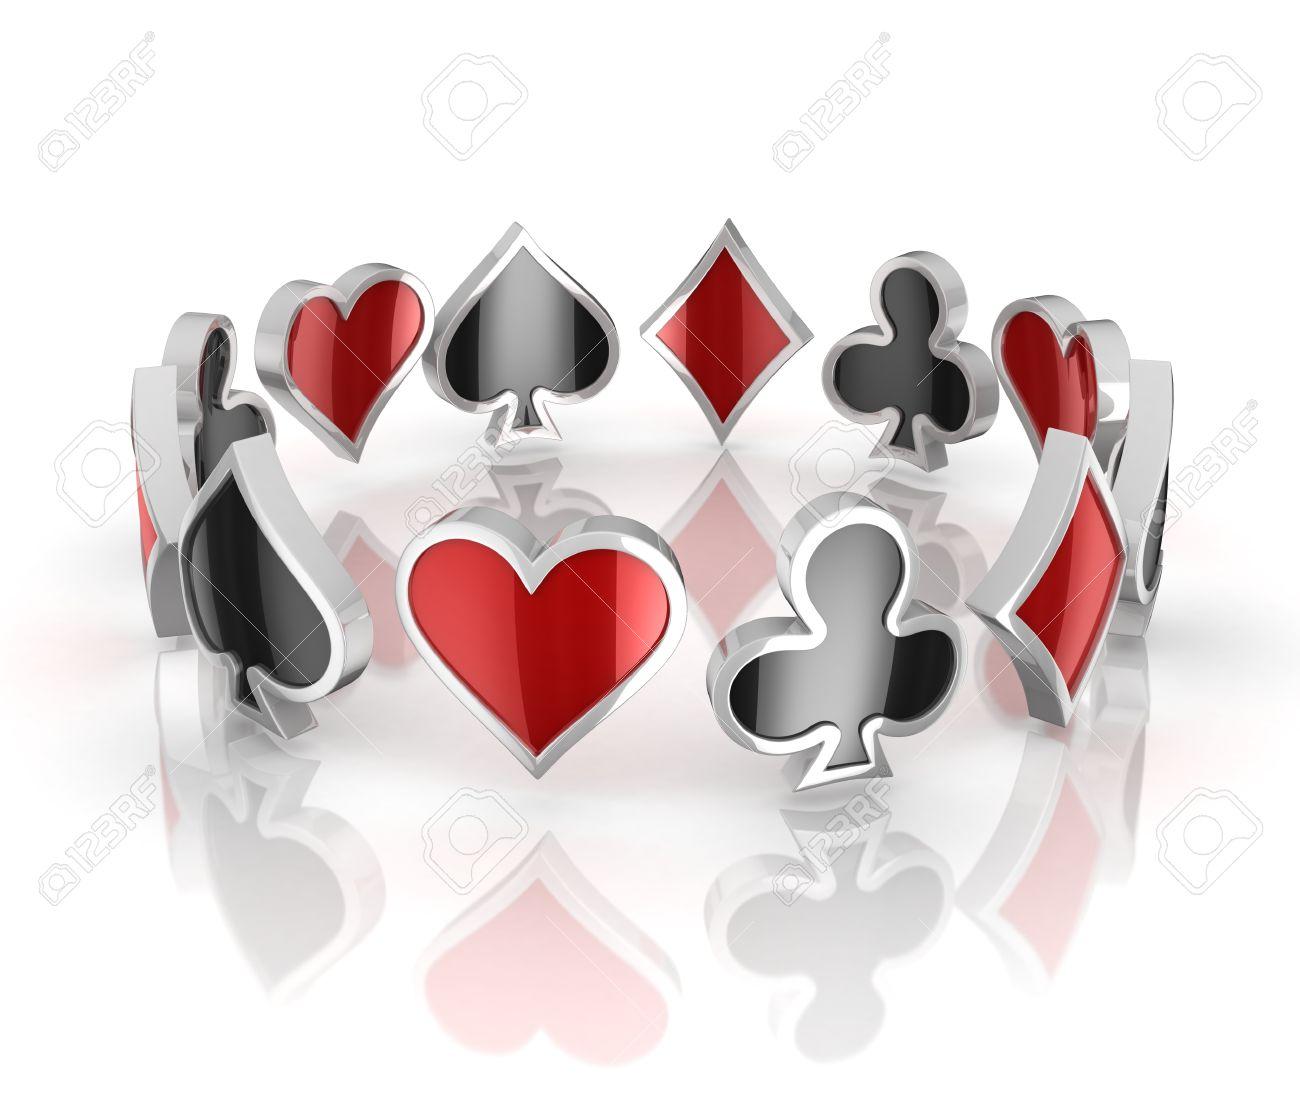 Jugando A Las Cartas Símbolos 3d - Corazones, Tréboles, Diamantes Y ...